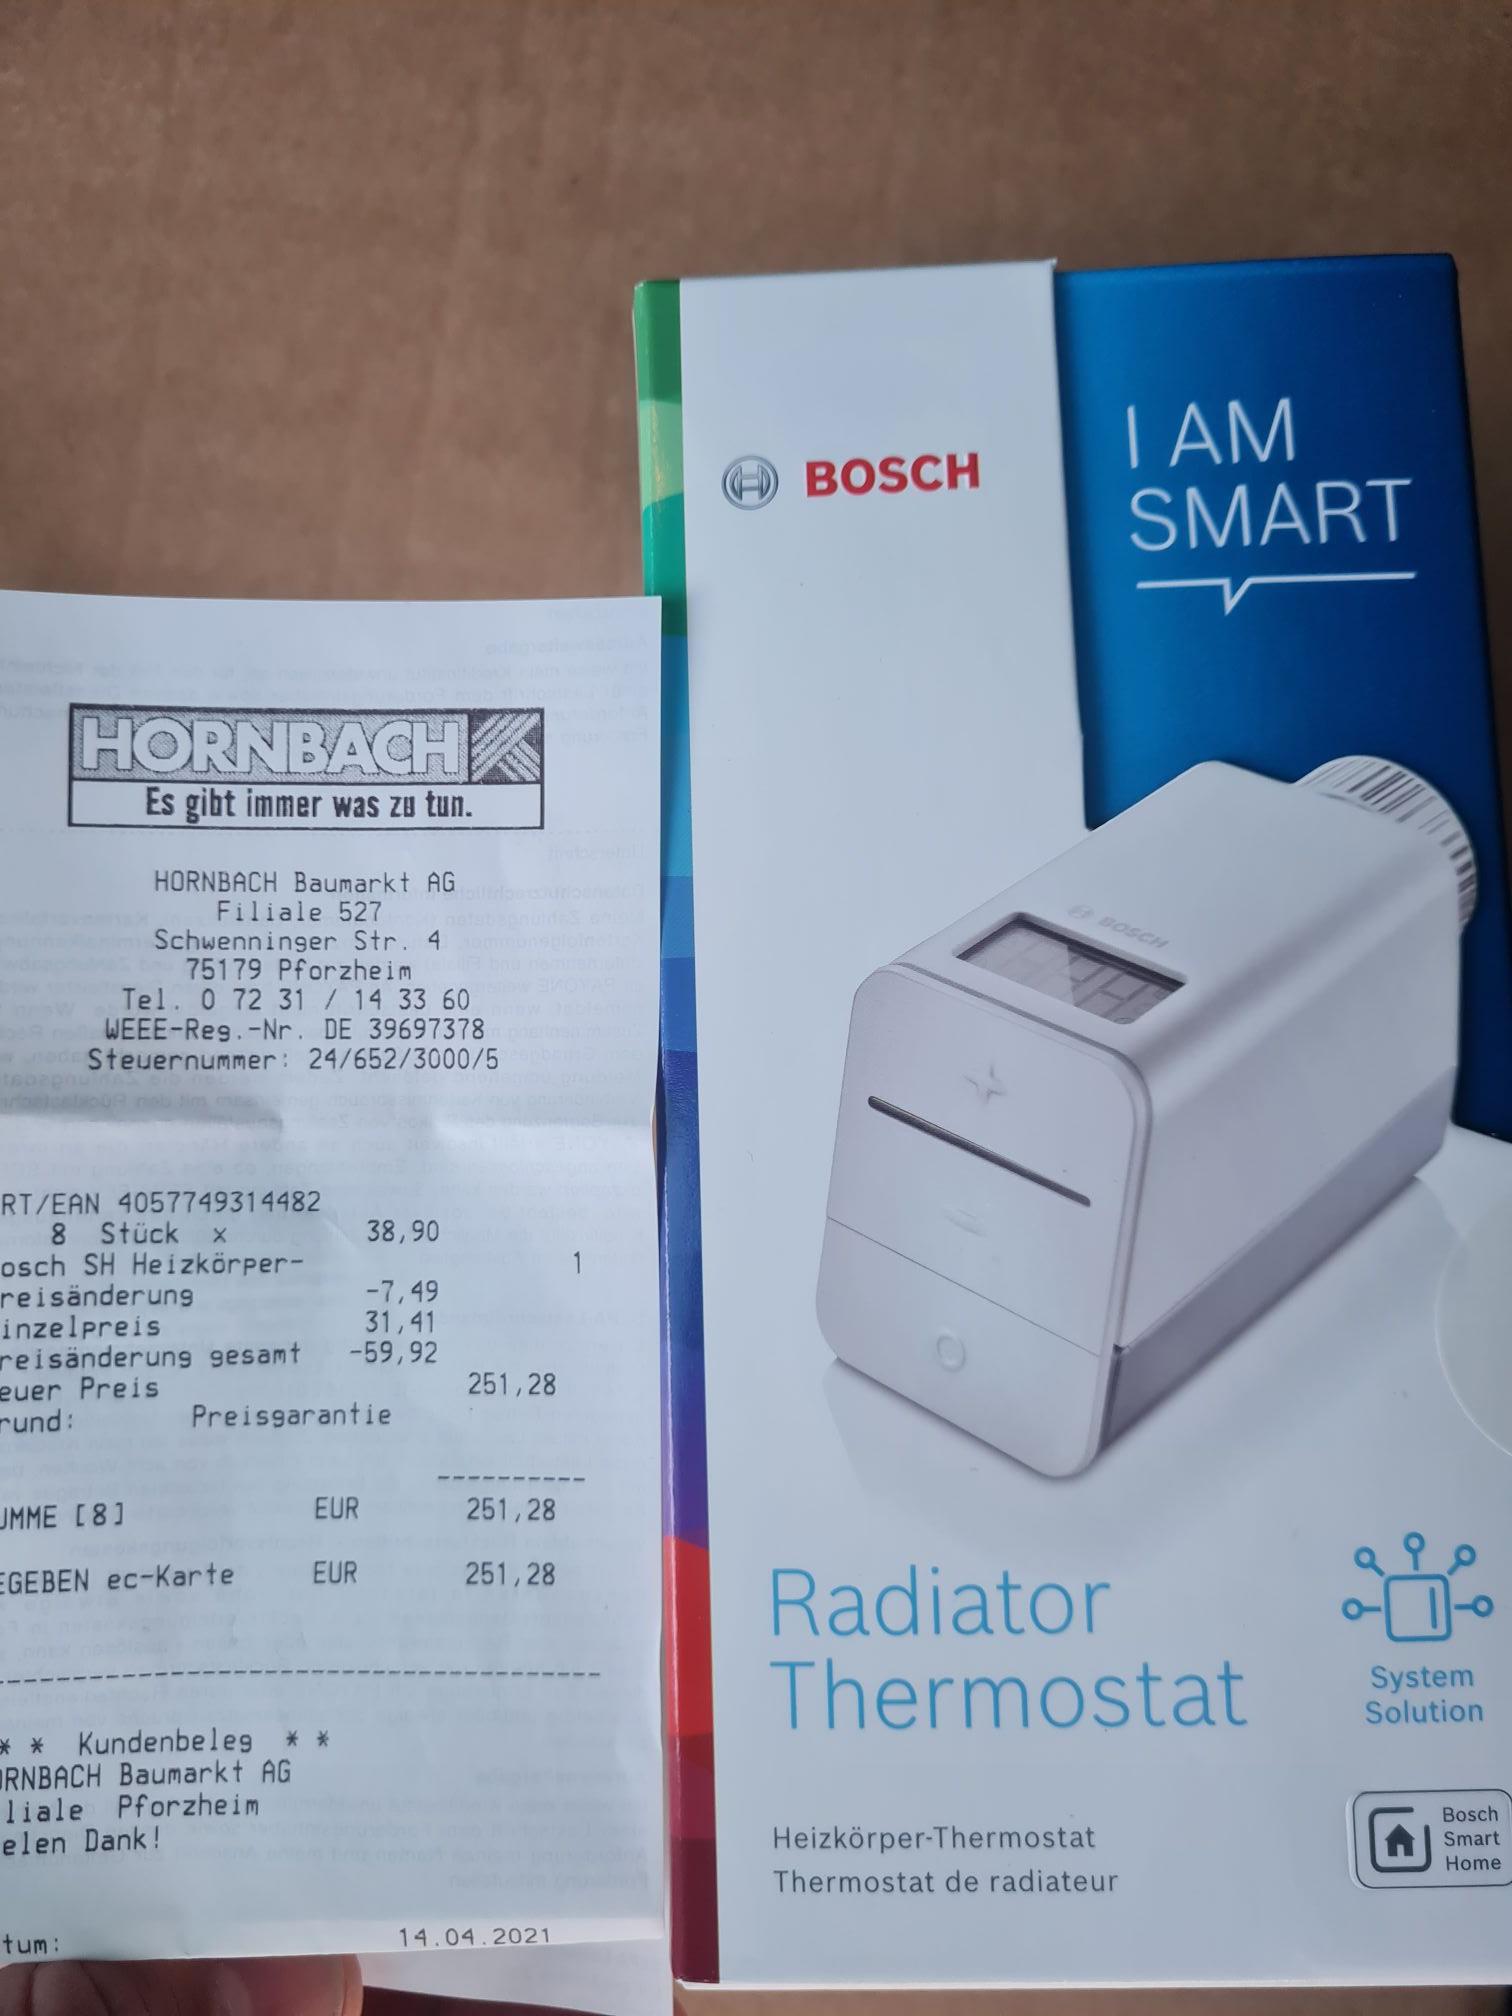 Bosch Smart Home Thermostat Hornbach TPG nur im Markt